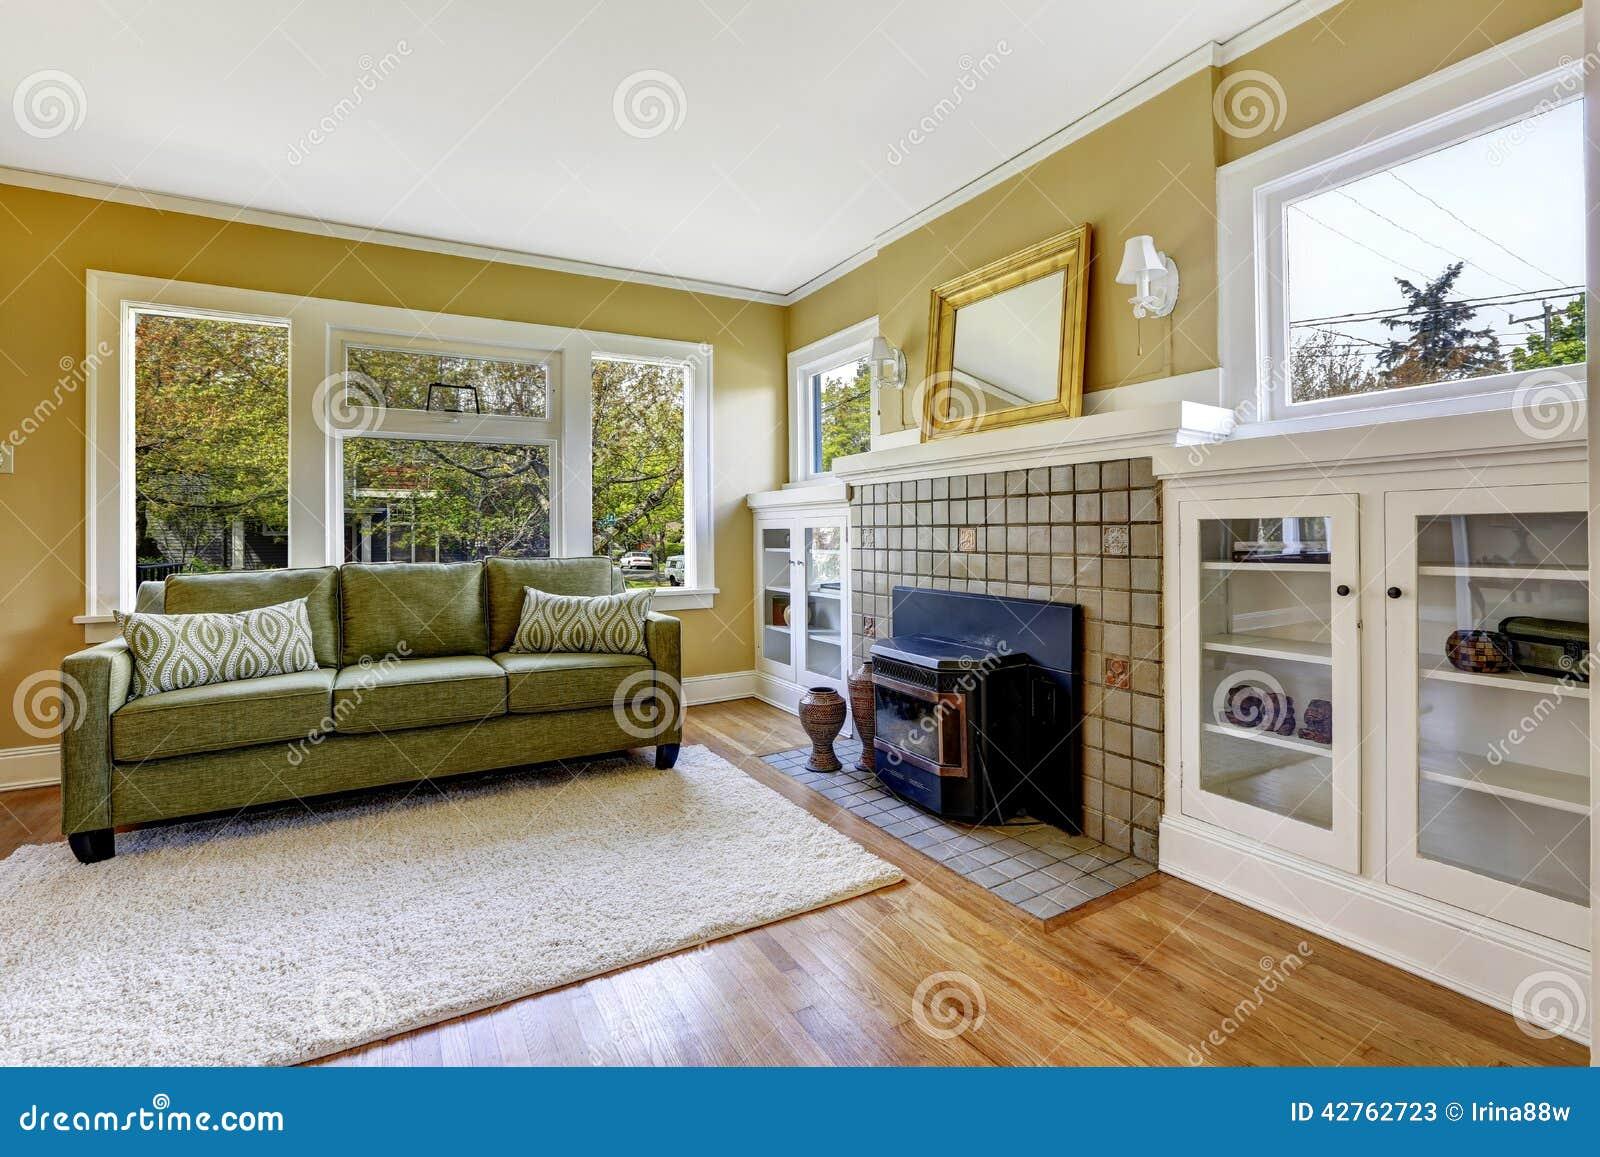 Chemin e d 39 iwith de salon et divan vert photo stock for Salon divan